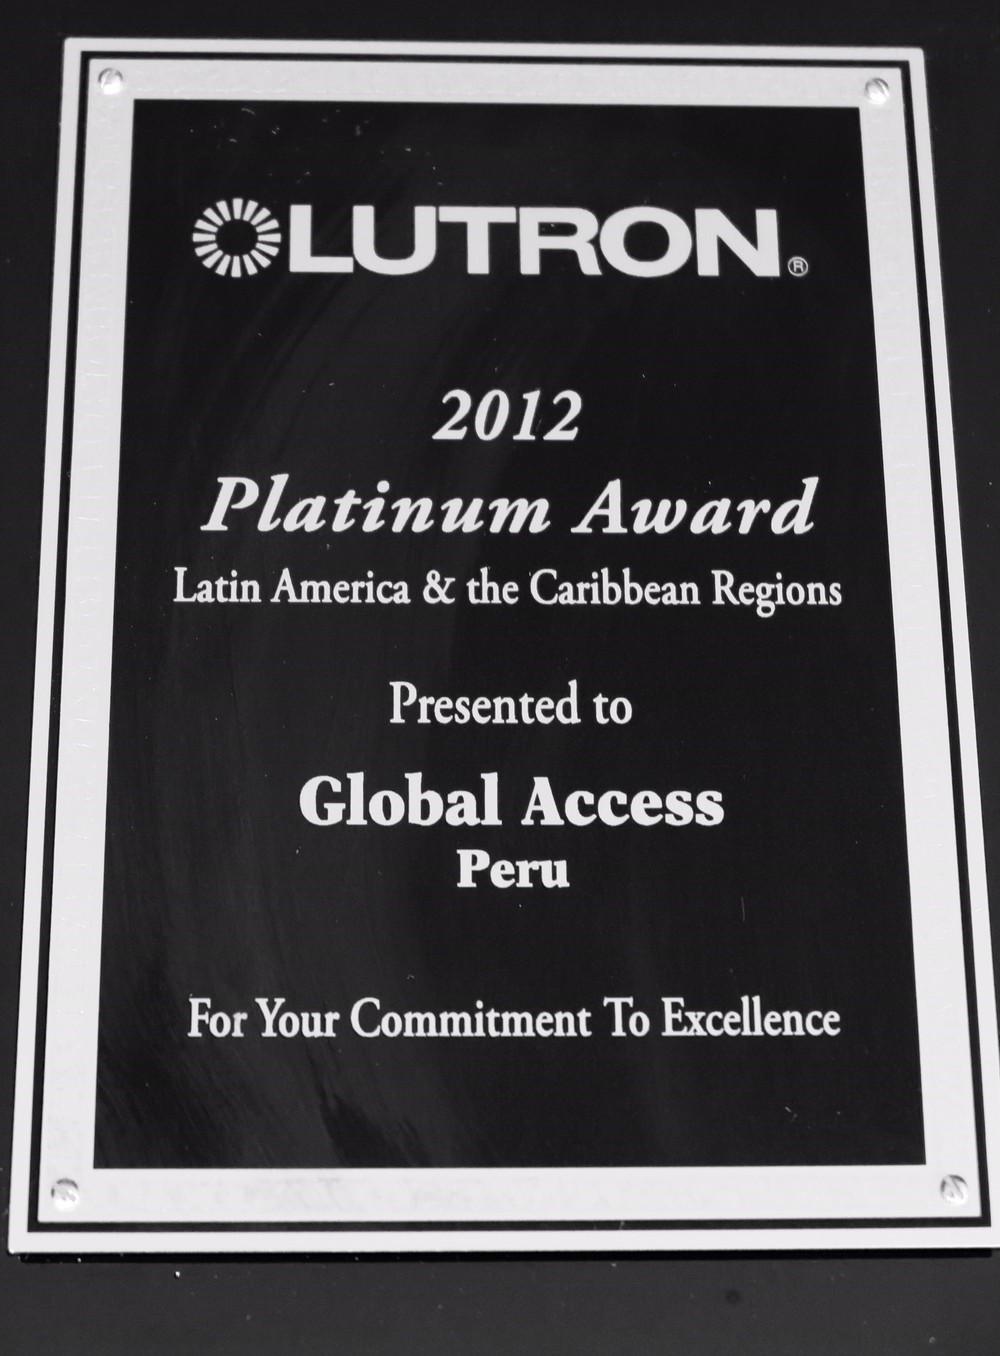 Premio Lutron 2012.jpg